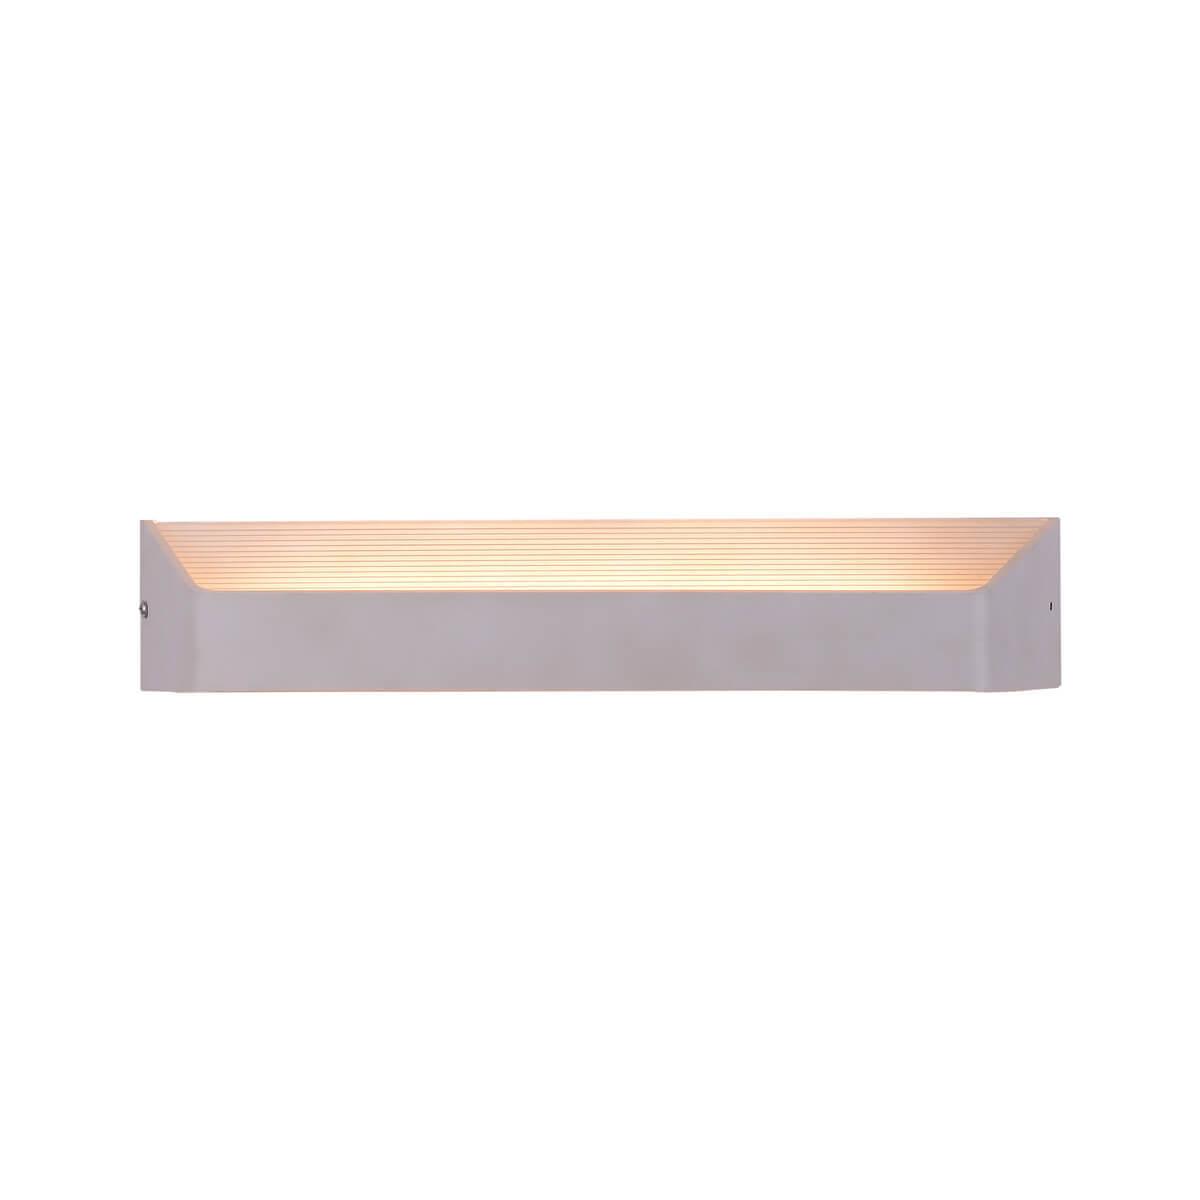 Светильник Citilux CL704330 Декарт 704 накладной светильник декарт cl704410